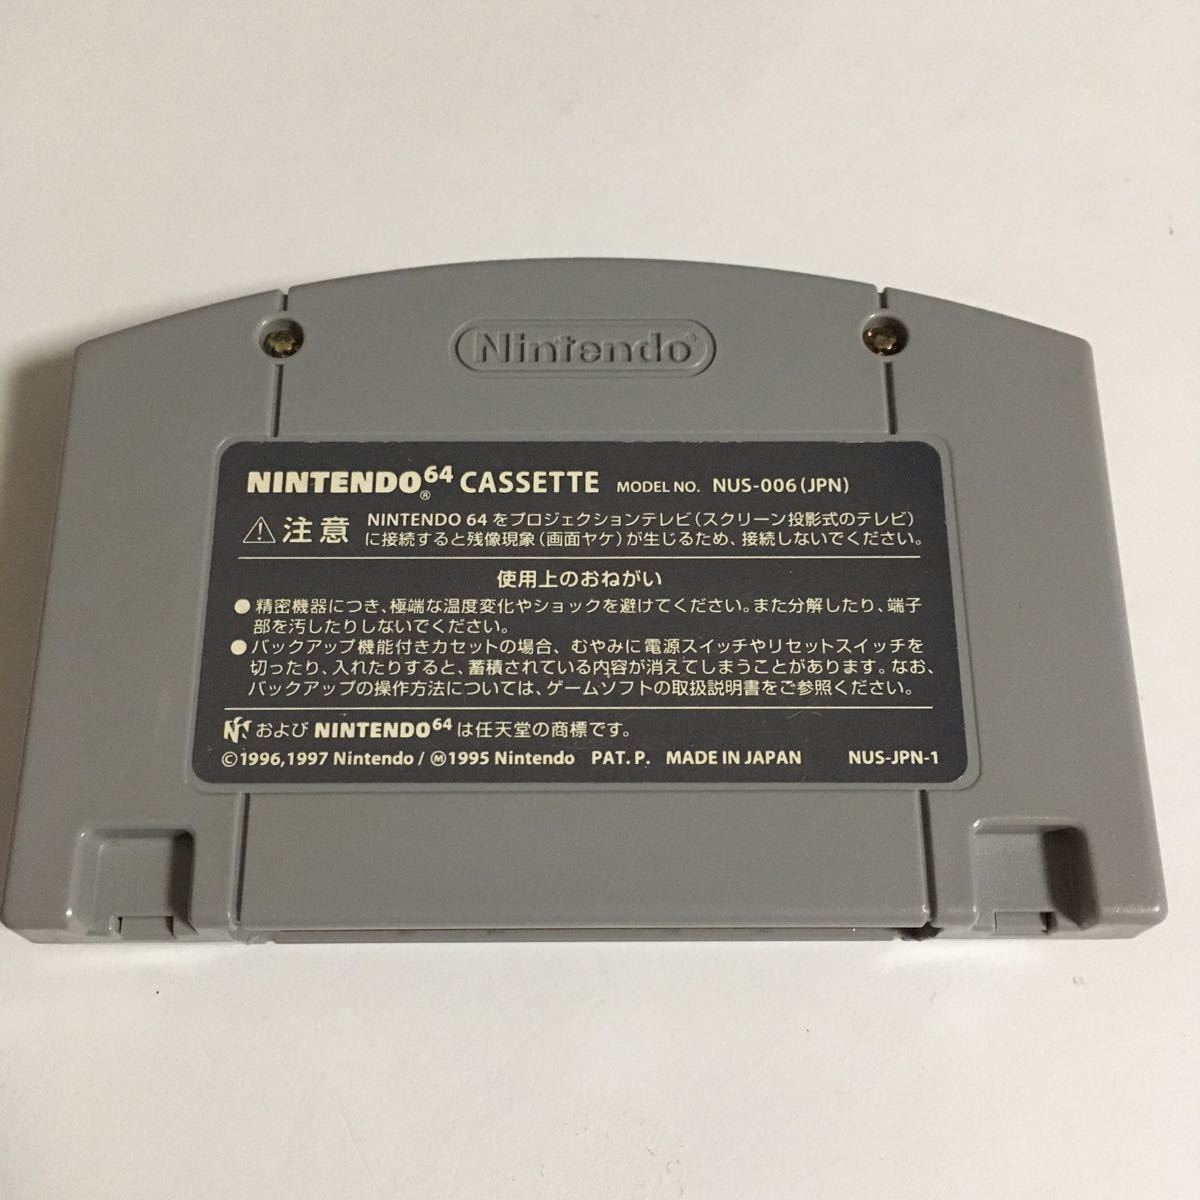 ニンテンドー64 ソフト 爆ボンバーマン2 動作確認済み レトロ ゲーム カセット